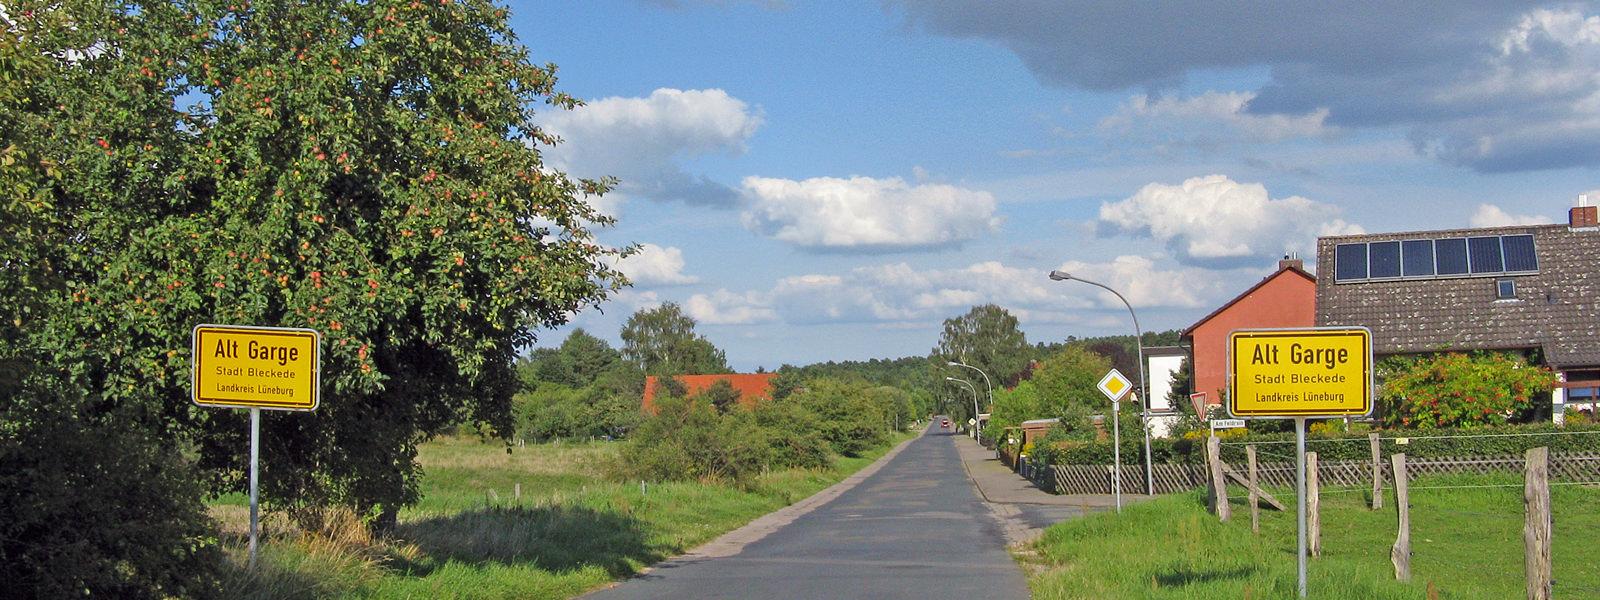 Alt Garge Ortsteil von Bleckede im Landkreis Lüneburg